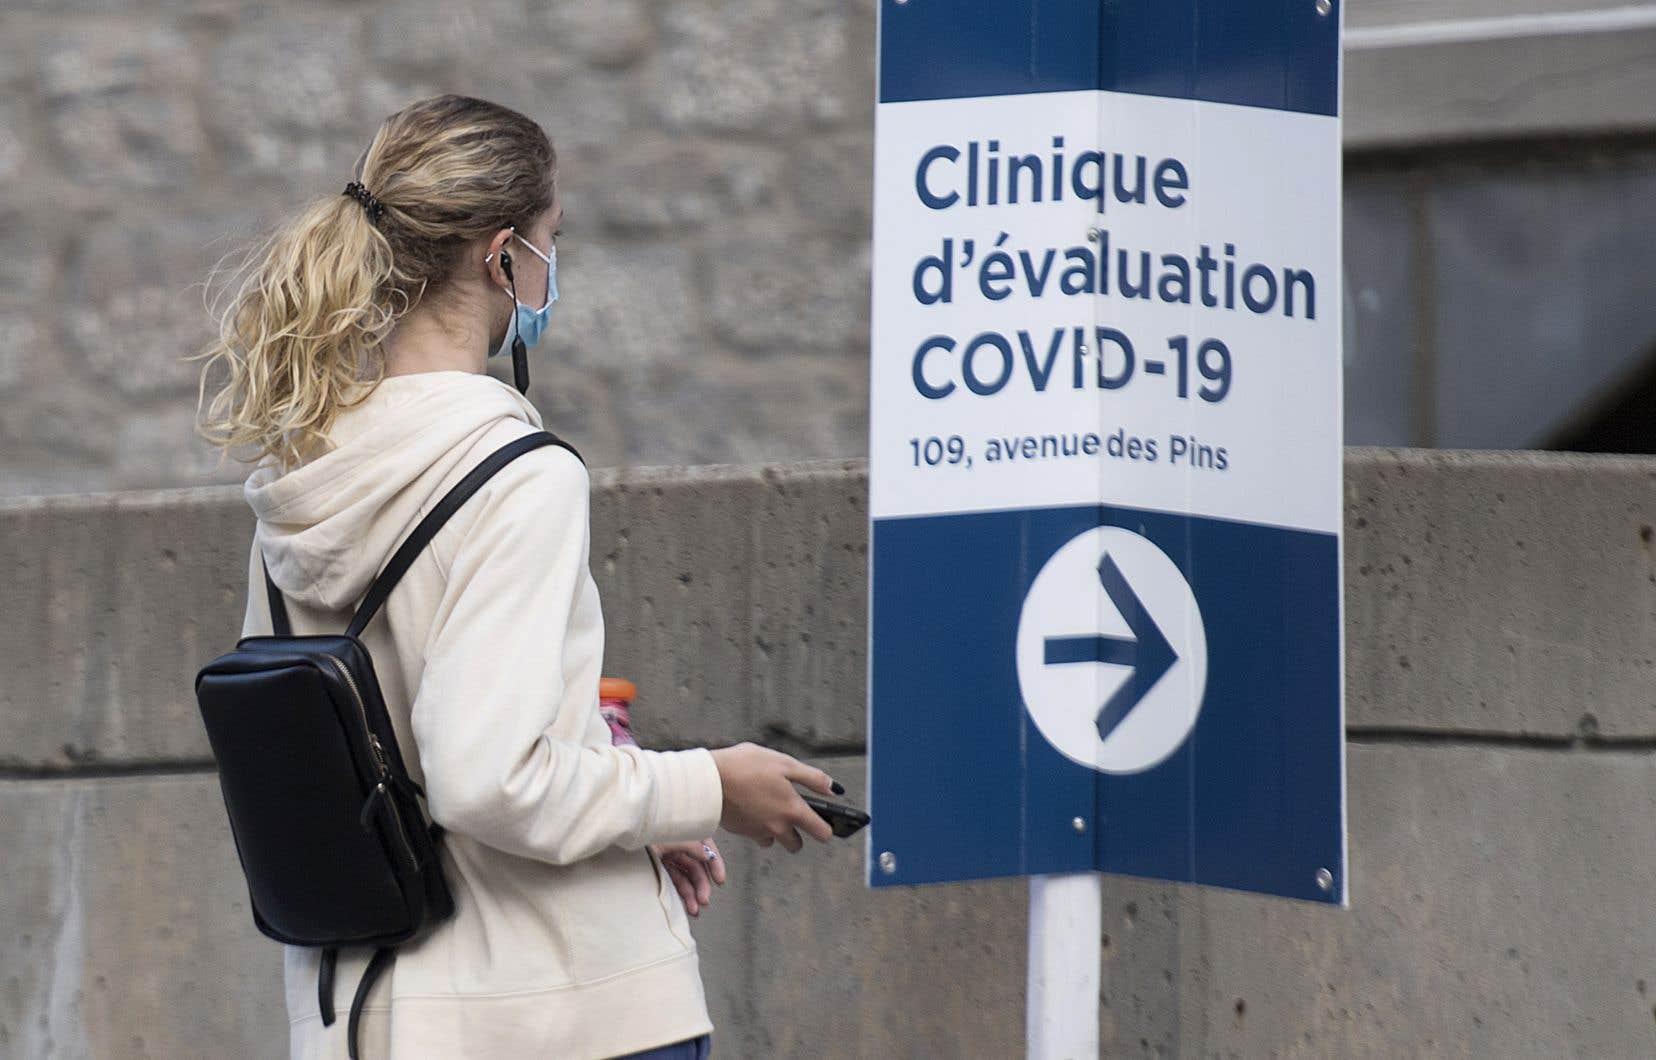 Le gouvernement du Québec envisage, entre autres, de recourir à des étudiants pour effectuer des prélèvements dans les cliniques de dépistage de la COVID-19 de la province.